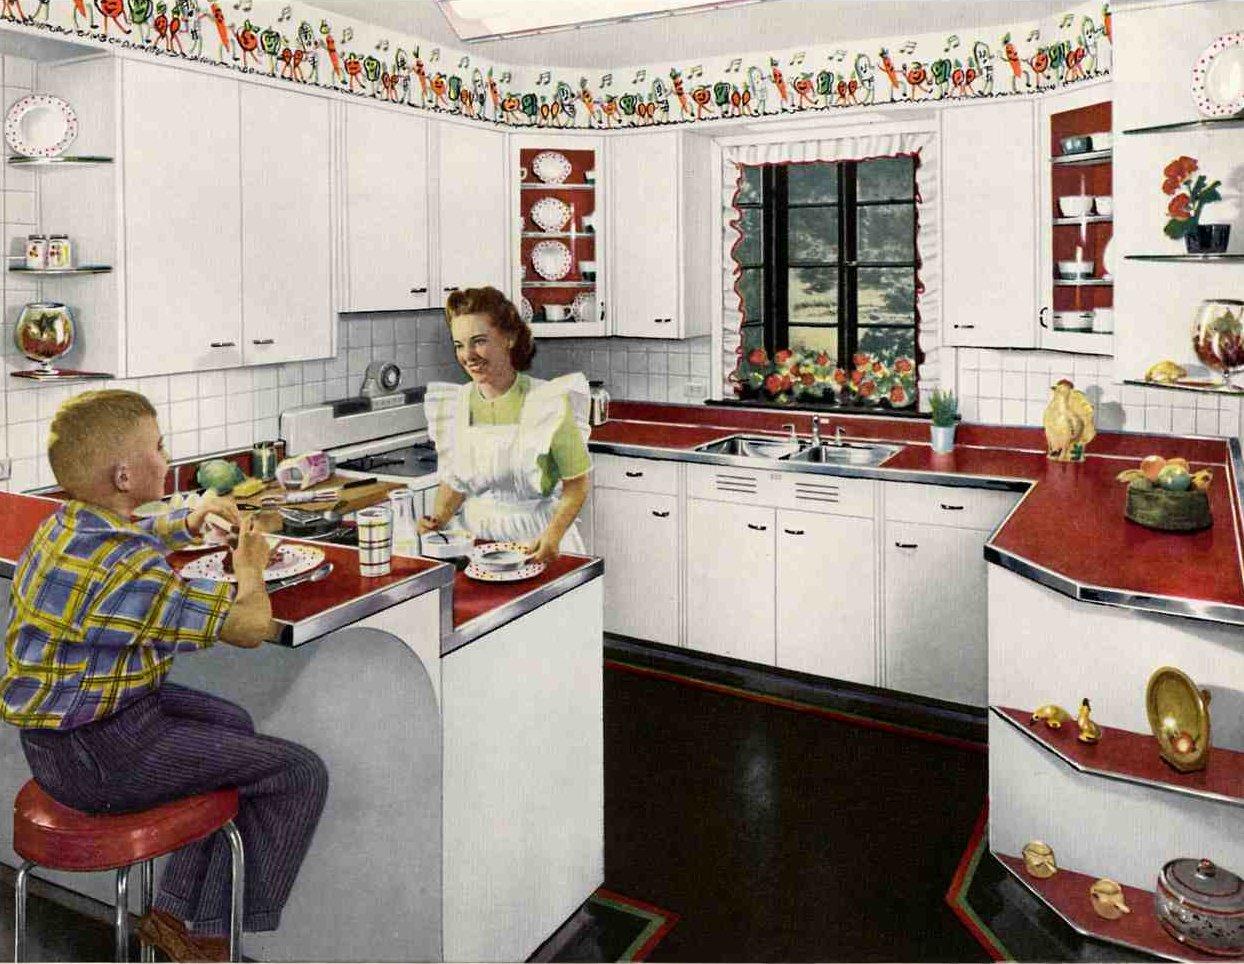 9+] Kitchen Wallpaper Borders Ideas on WallpaperSafari